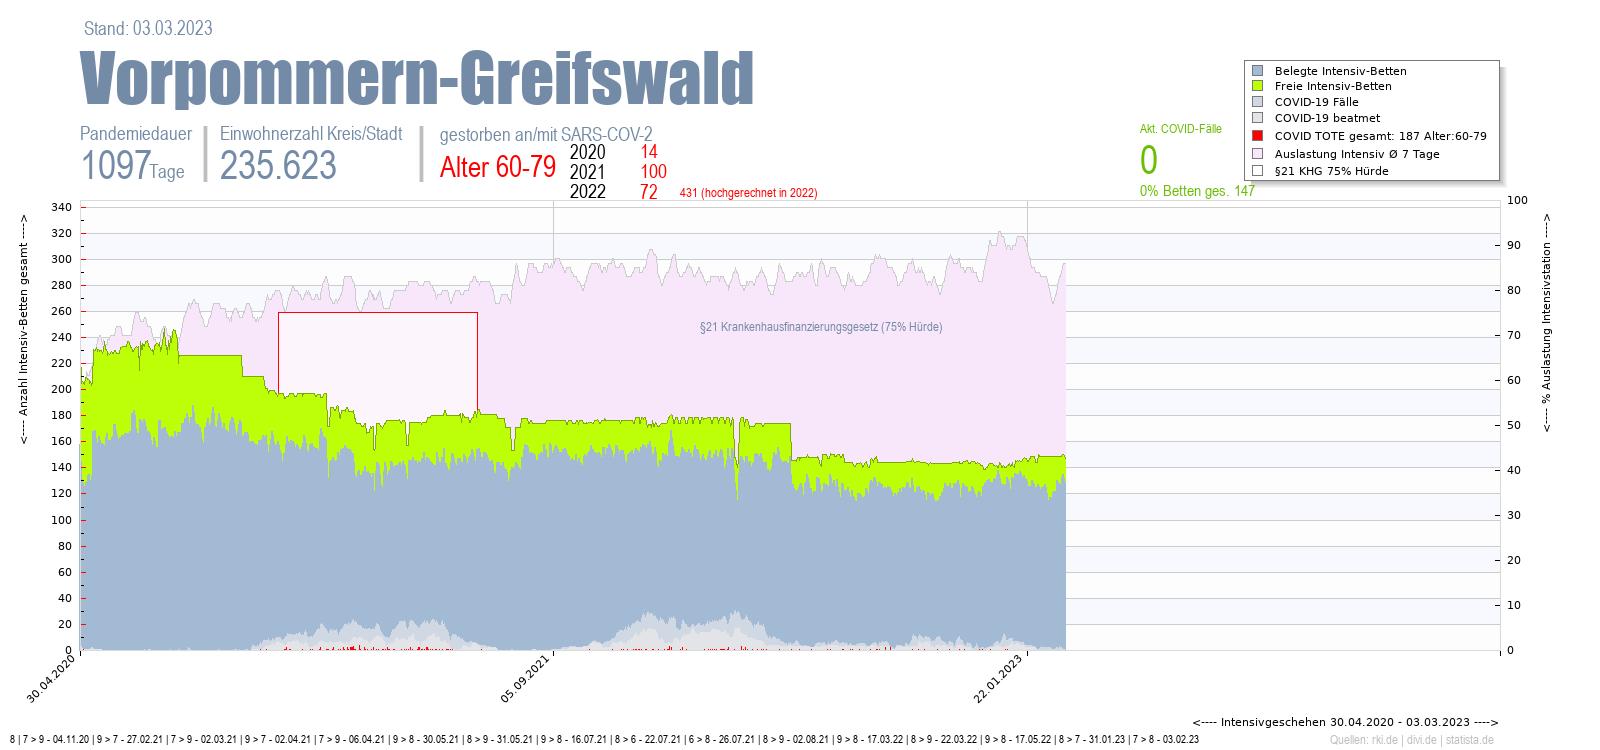 Intensivstation Auslastung Vorpommern-Greifswald Alter 0-4